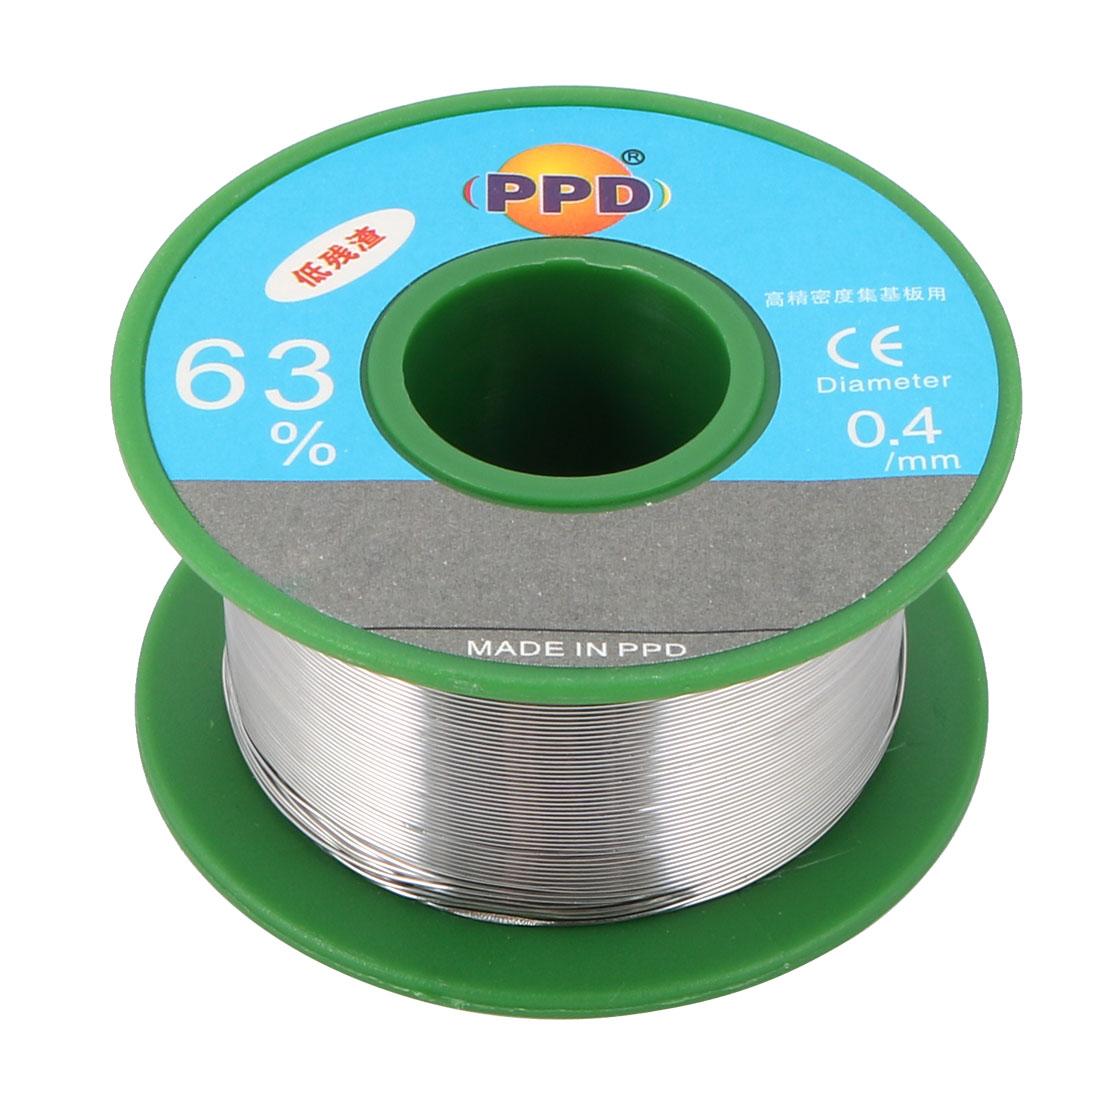 0.4 mm Dia 63/37 Tin Lead Welding Soldering Solder Wire Rosin Core Reel